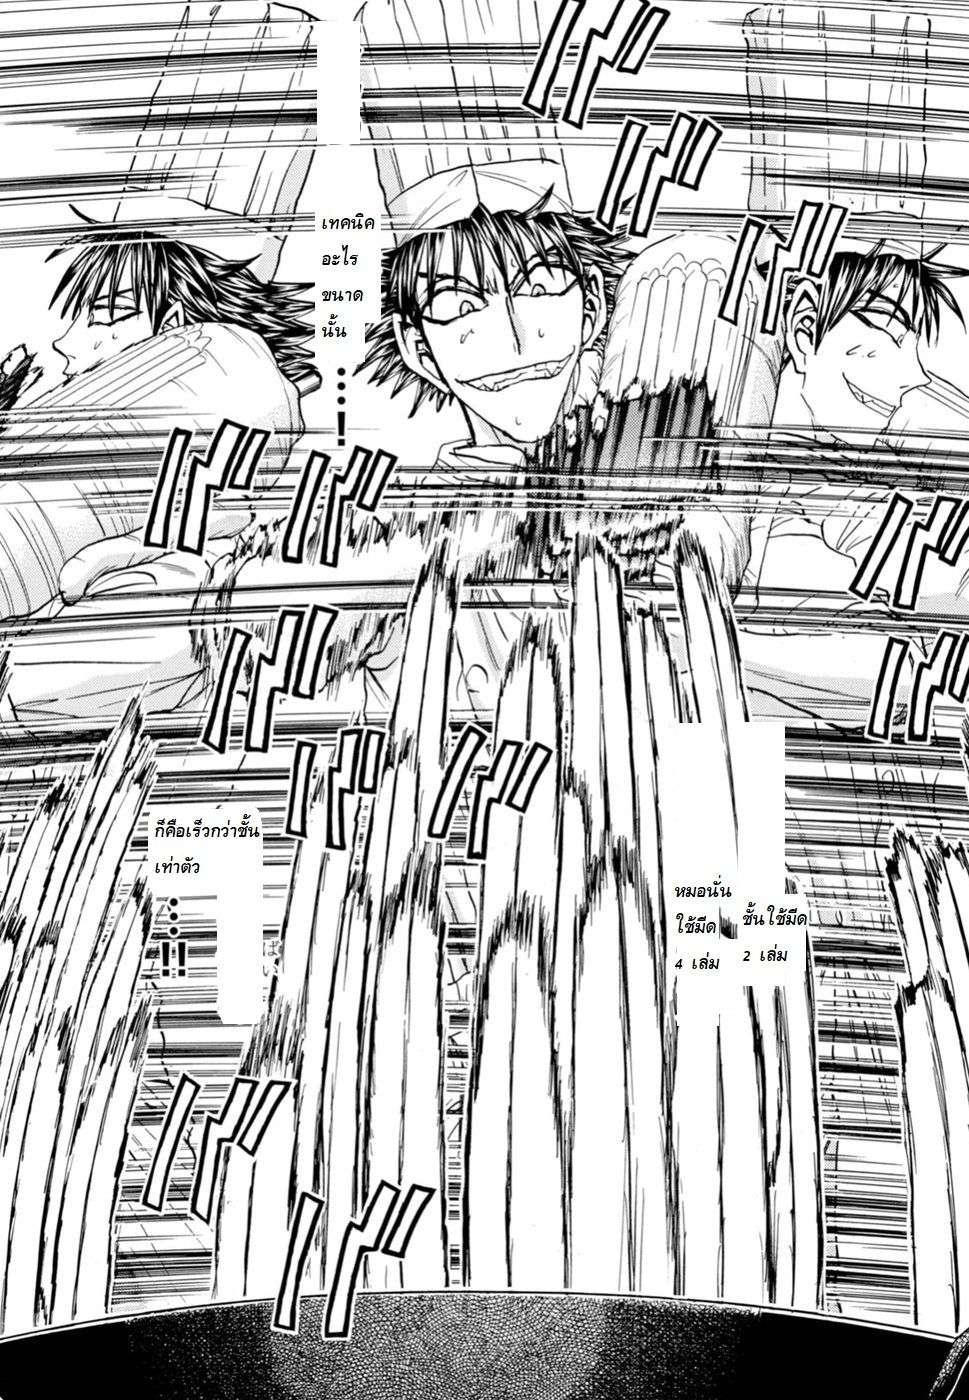 อ่านการ์ตูน Tetsunabe no Jan 2nd!! ตอนที่ 5 หน้าที่ 26